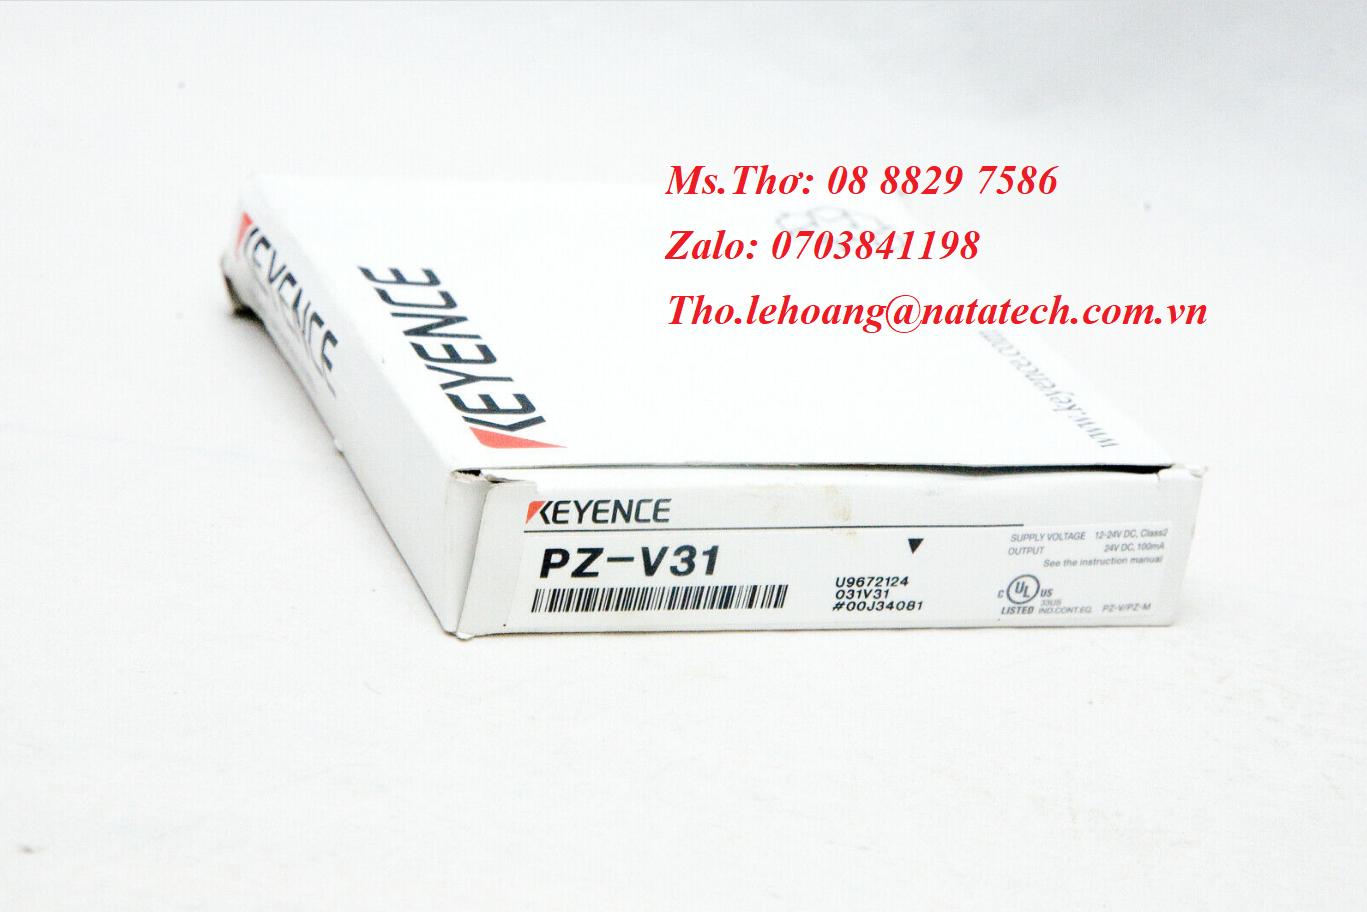 Cảm biến quang điện Keyence PZ-V31 - Công Ty TNHH Natatech